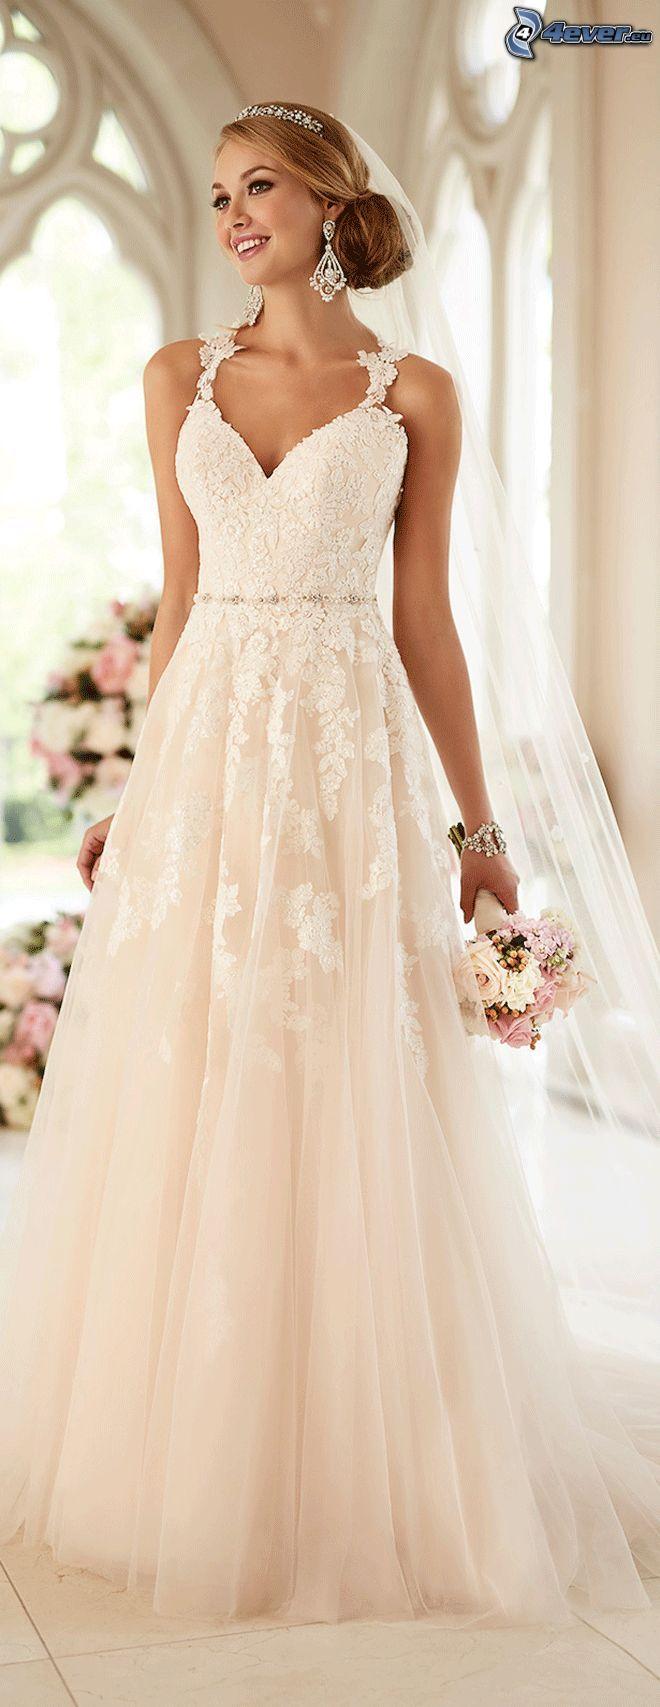 abito da sposa, sposa, bouquet di nozze, sorriso